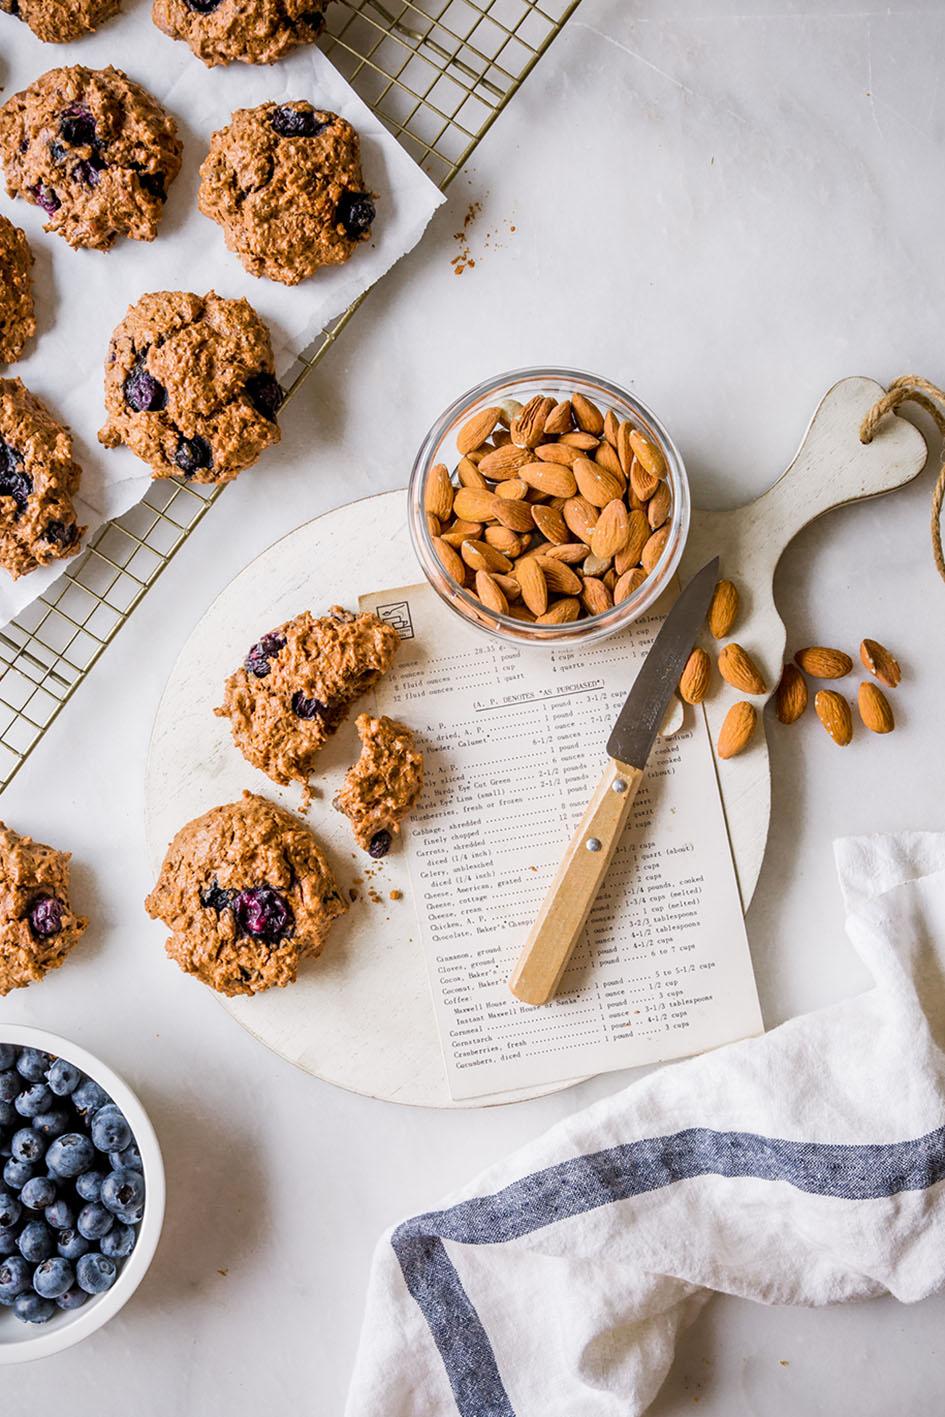 Blaubeer-Cookies auf Kuchengitter und angeknabbert mit Mandeln.